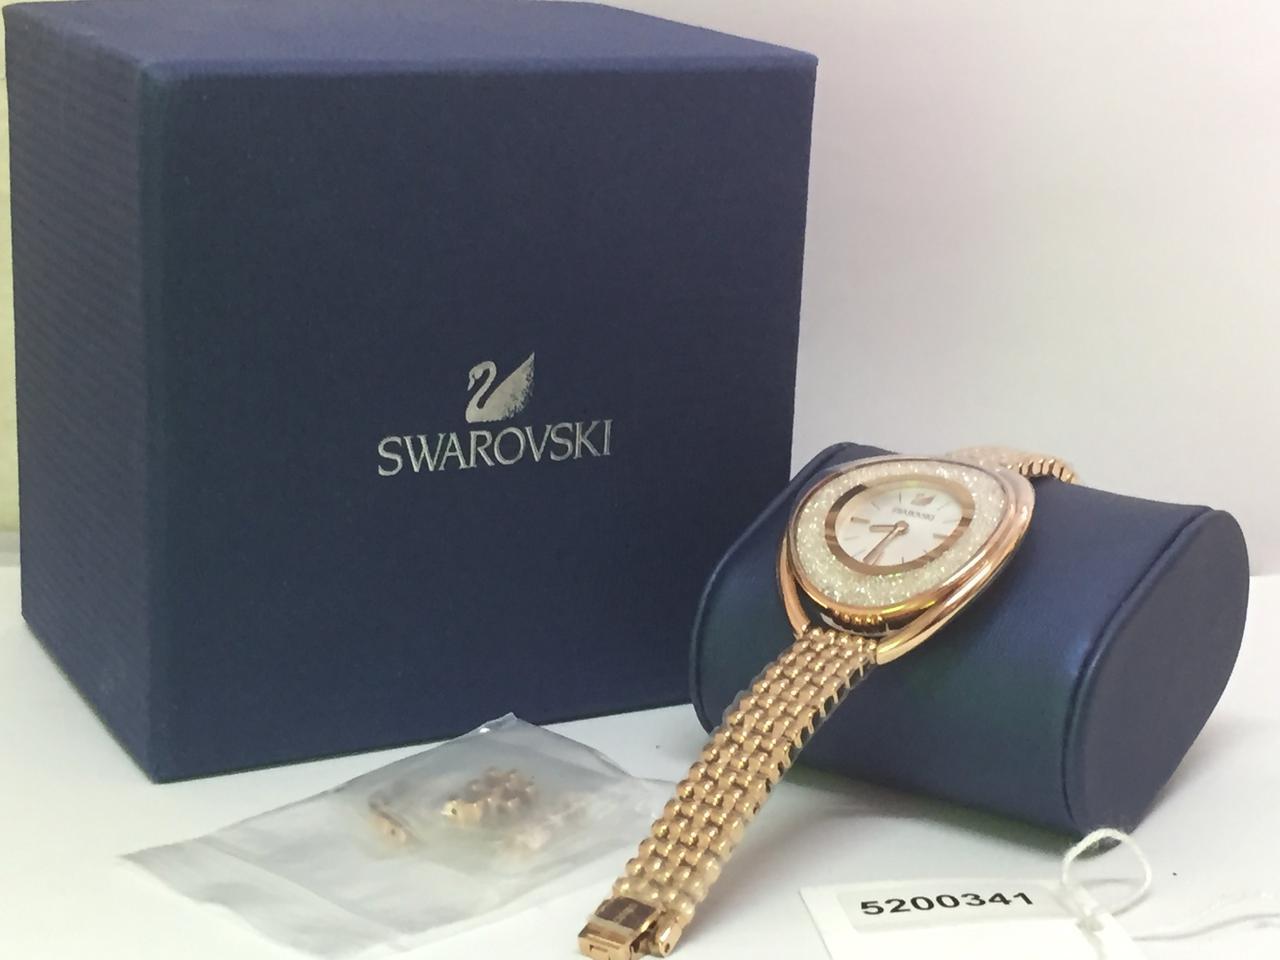 นาฬิกางาน  Swiss brand Swarovski รุ่น  5200341  Crystalline Oval watch รูปที่ 1